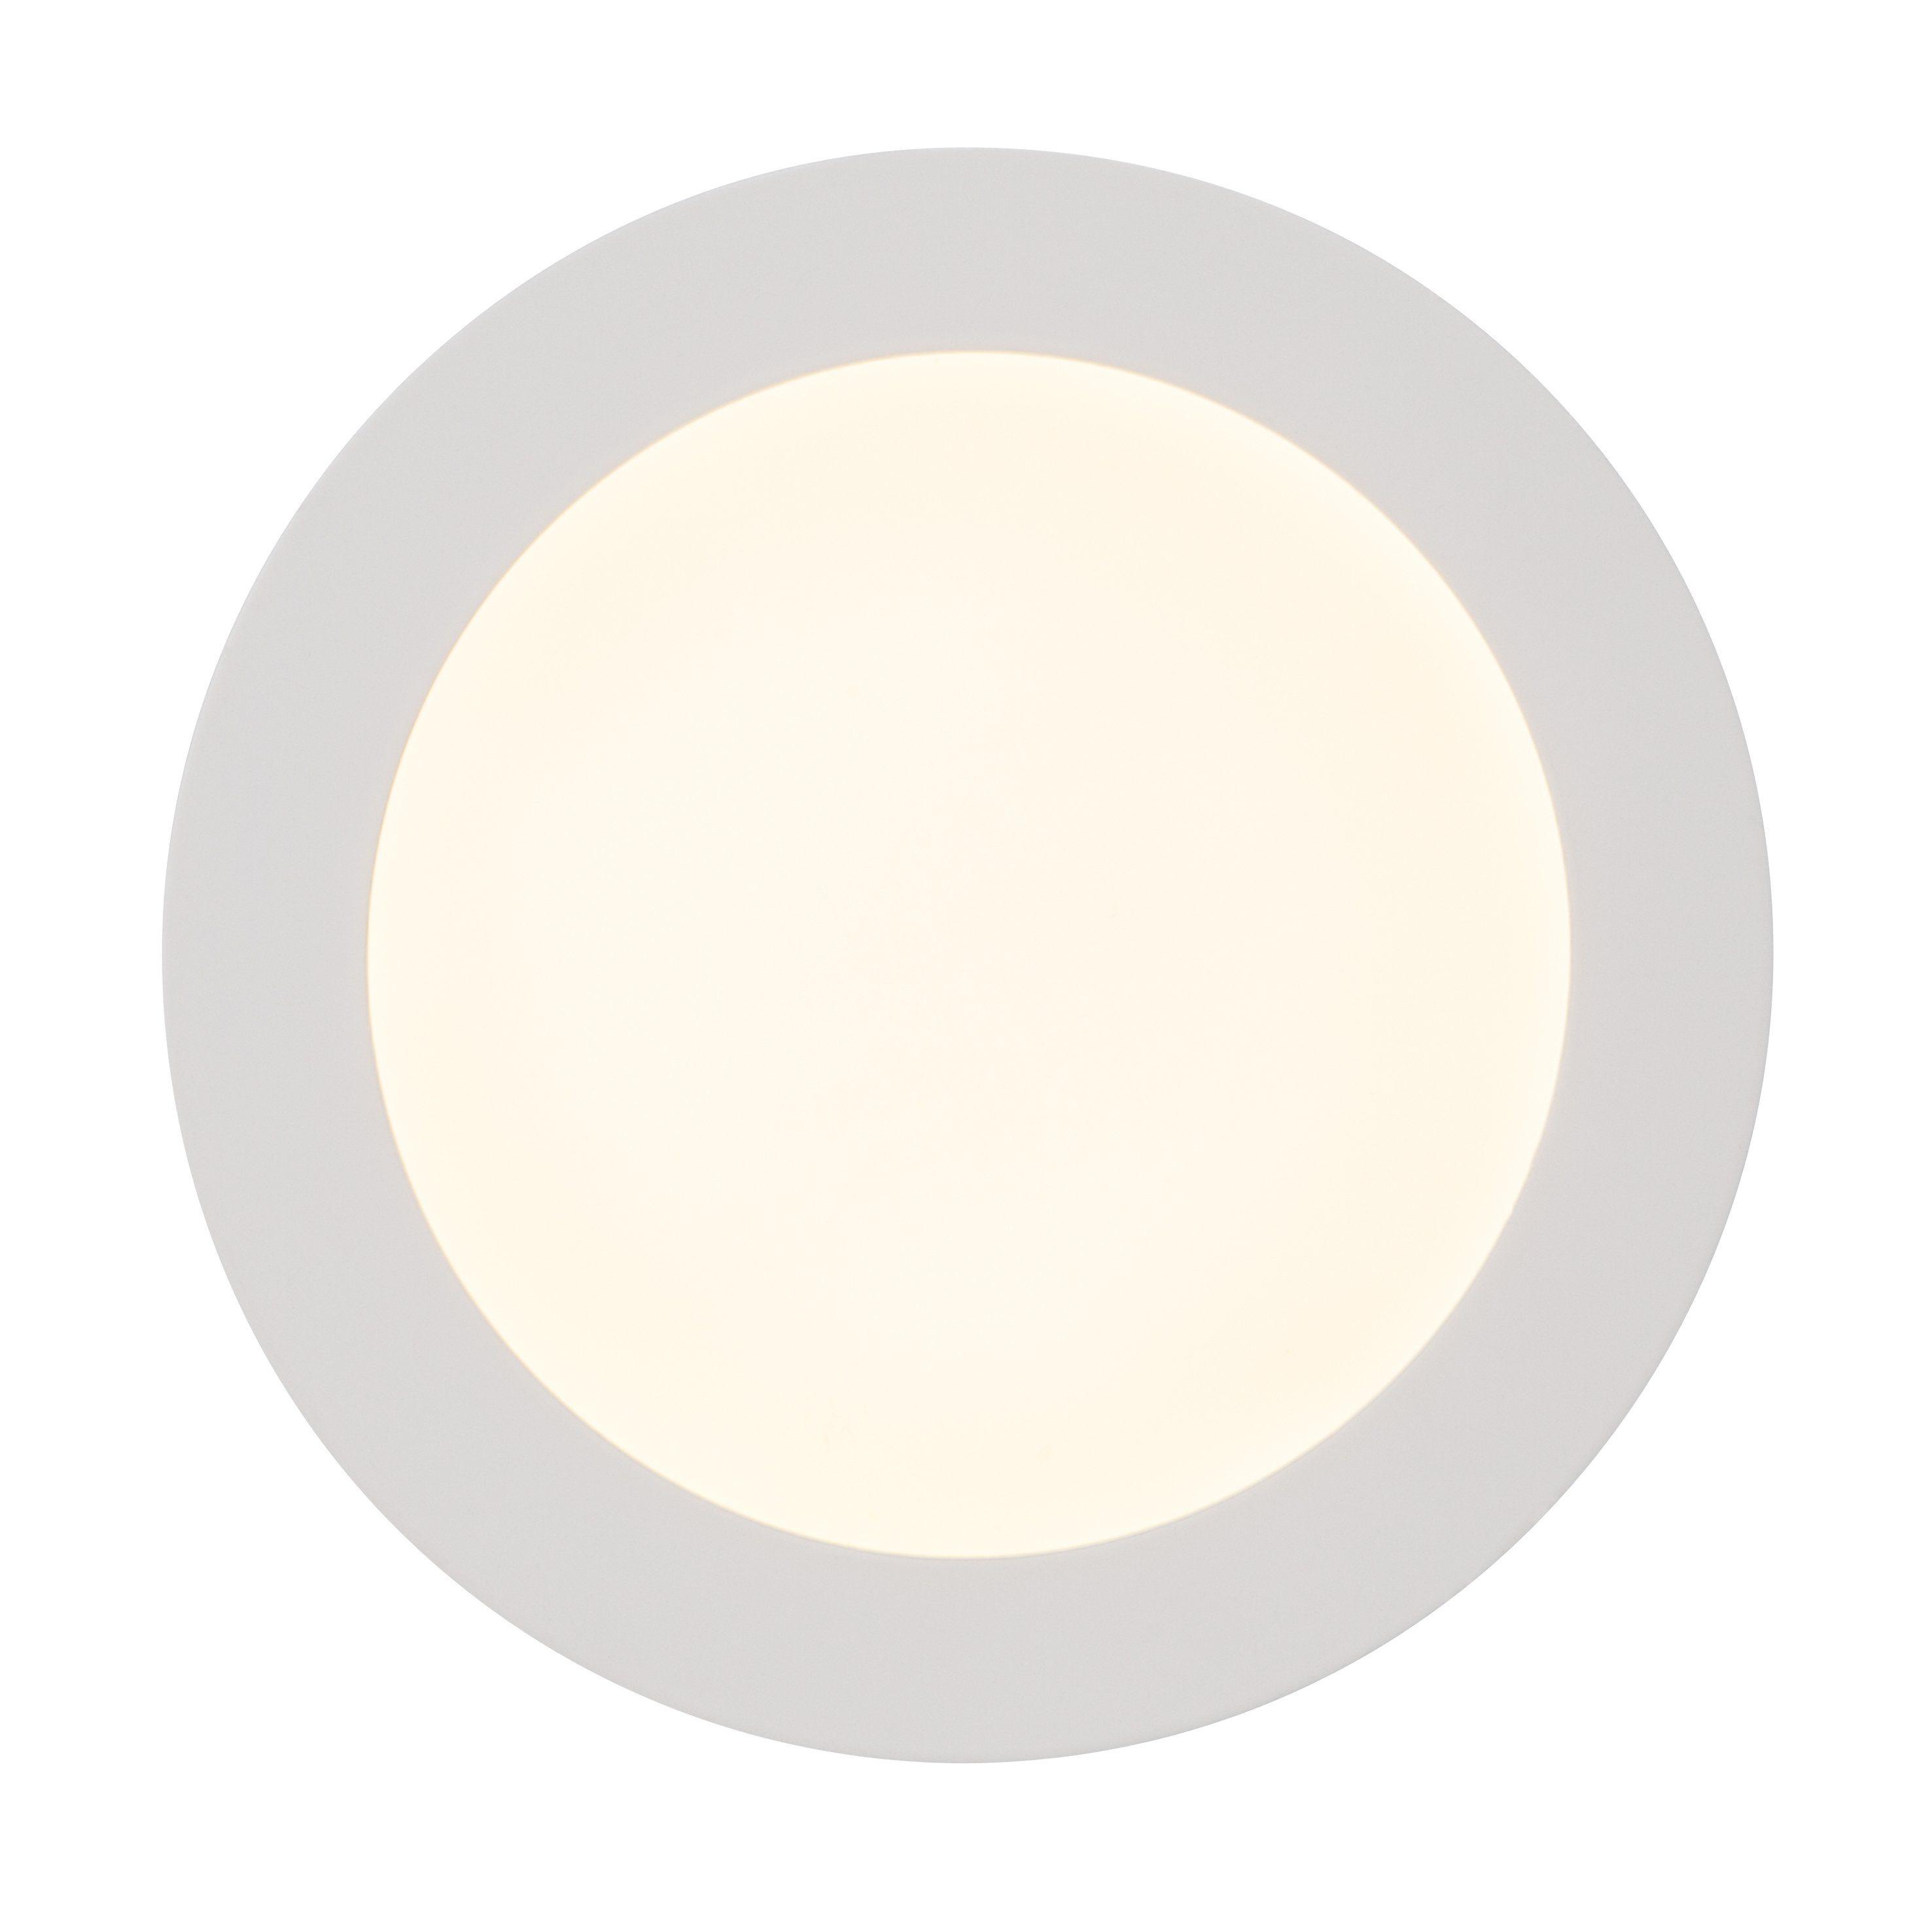 Brilliant Leuchten Laureen LED Einbauleuchte 12W weiß